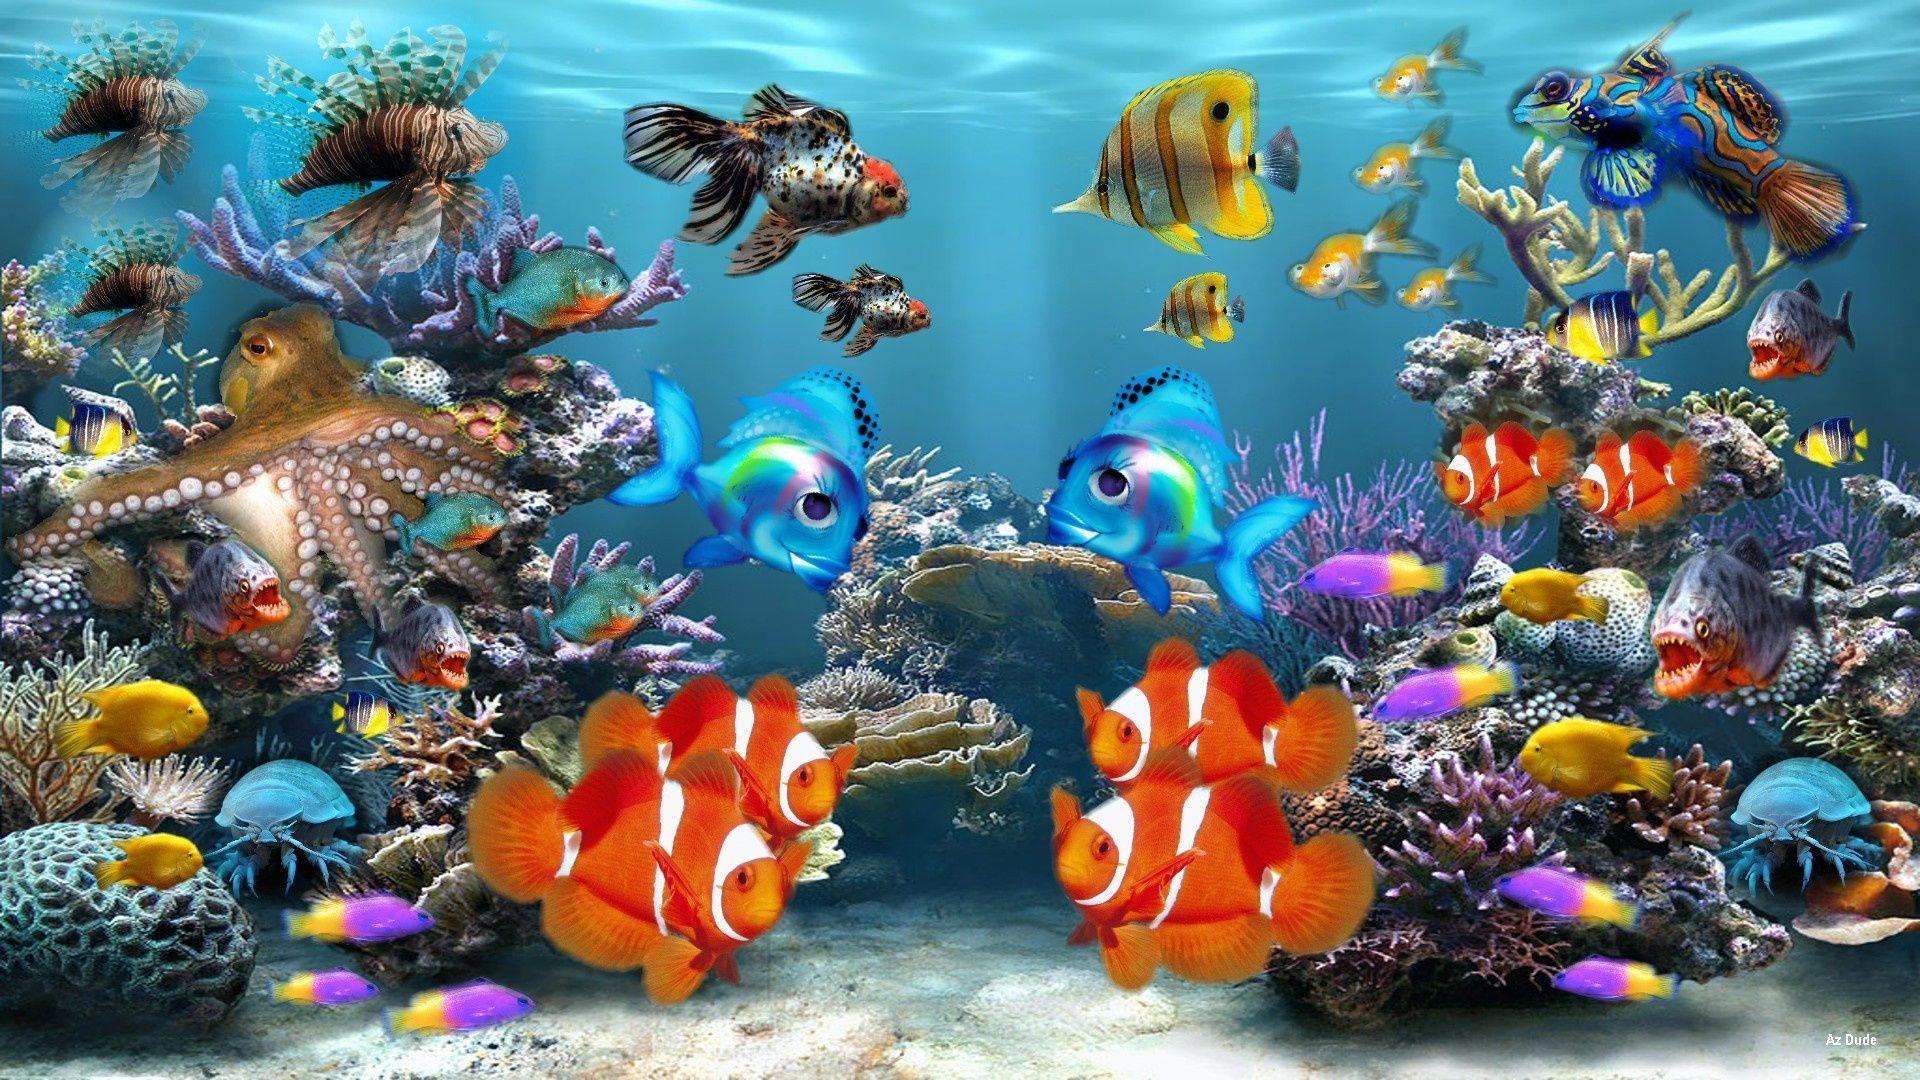 aquarium pictures background